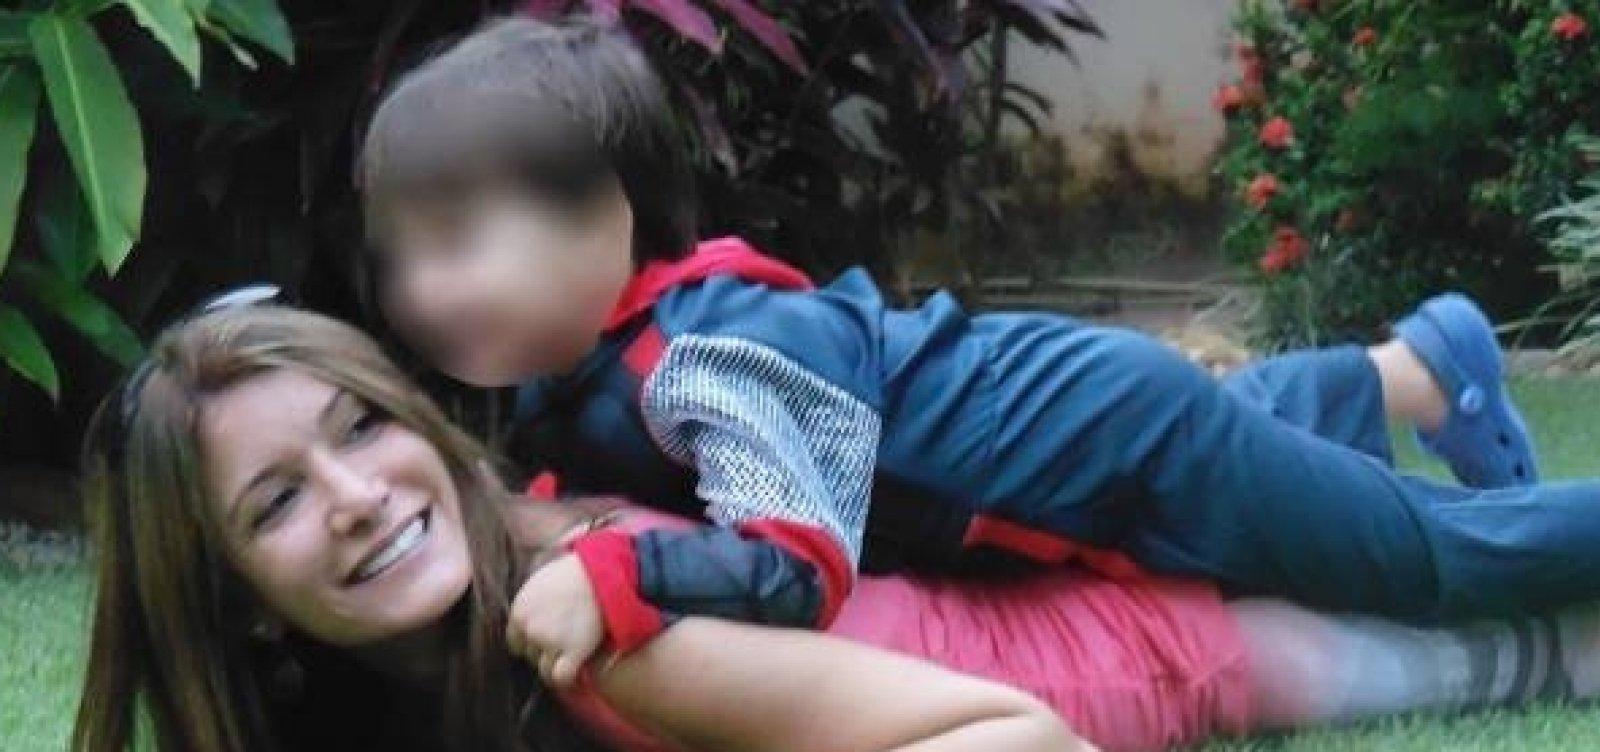 Disputa de guarda de criança causa conflito diplomático entre Brasil e Estados Unidos